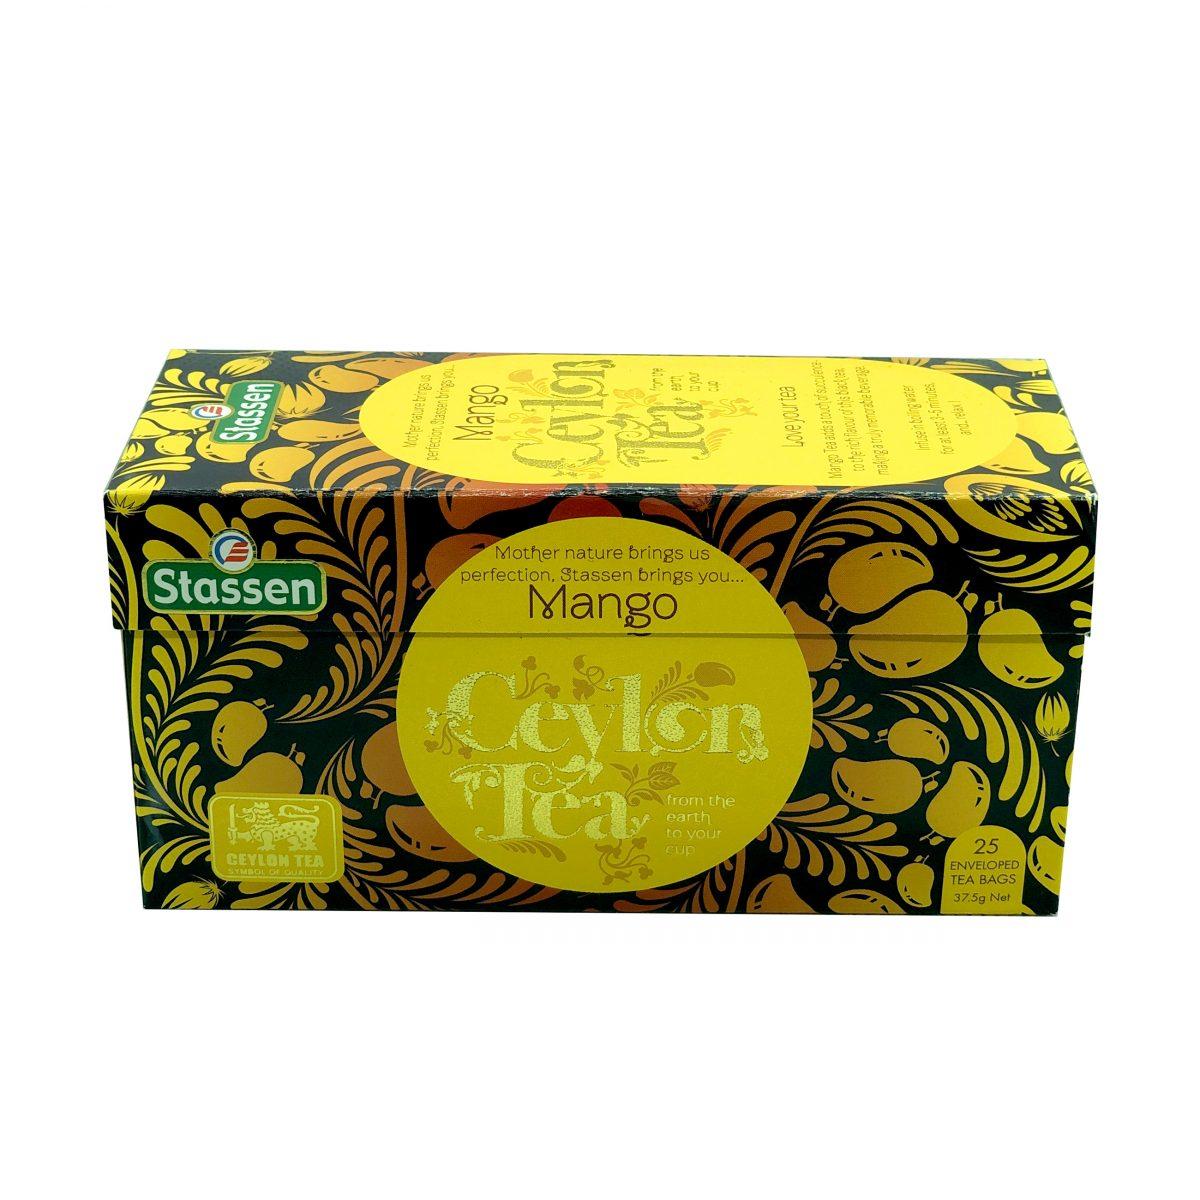 Stassen pure ceylon tea, Mango